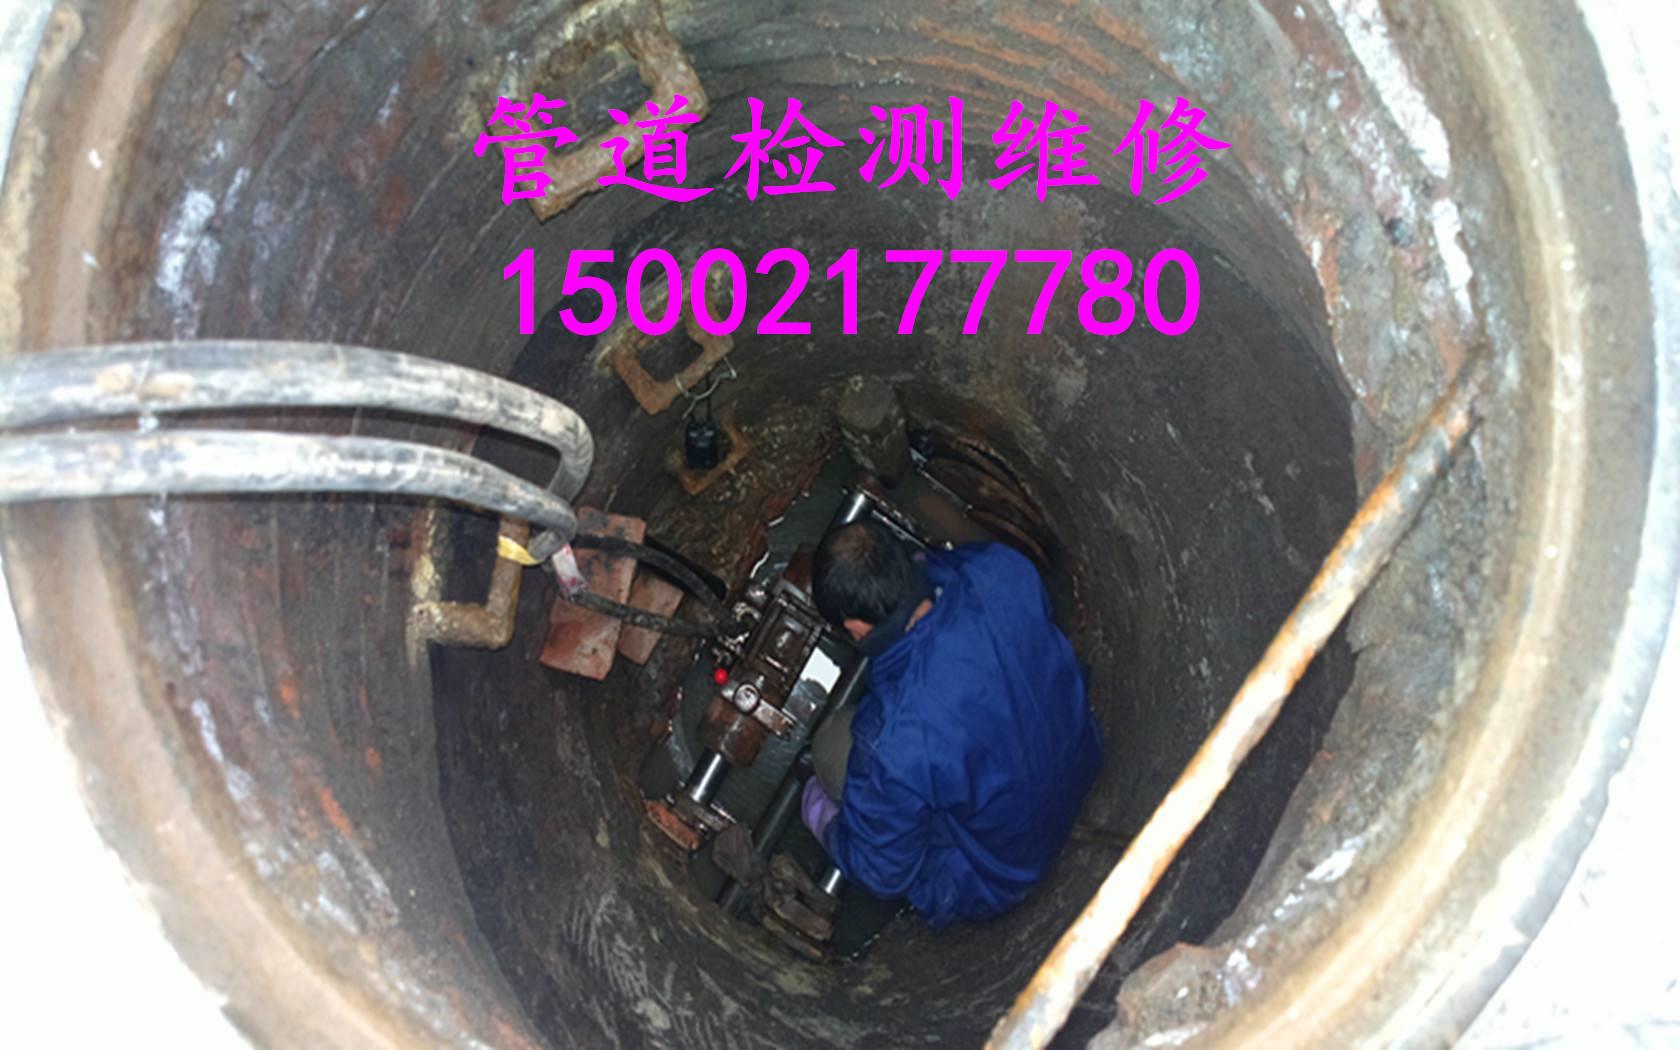 上海管道CIPP固化修復